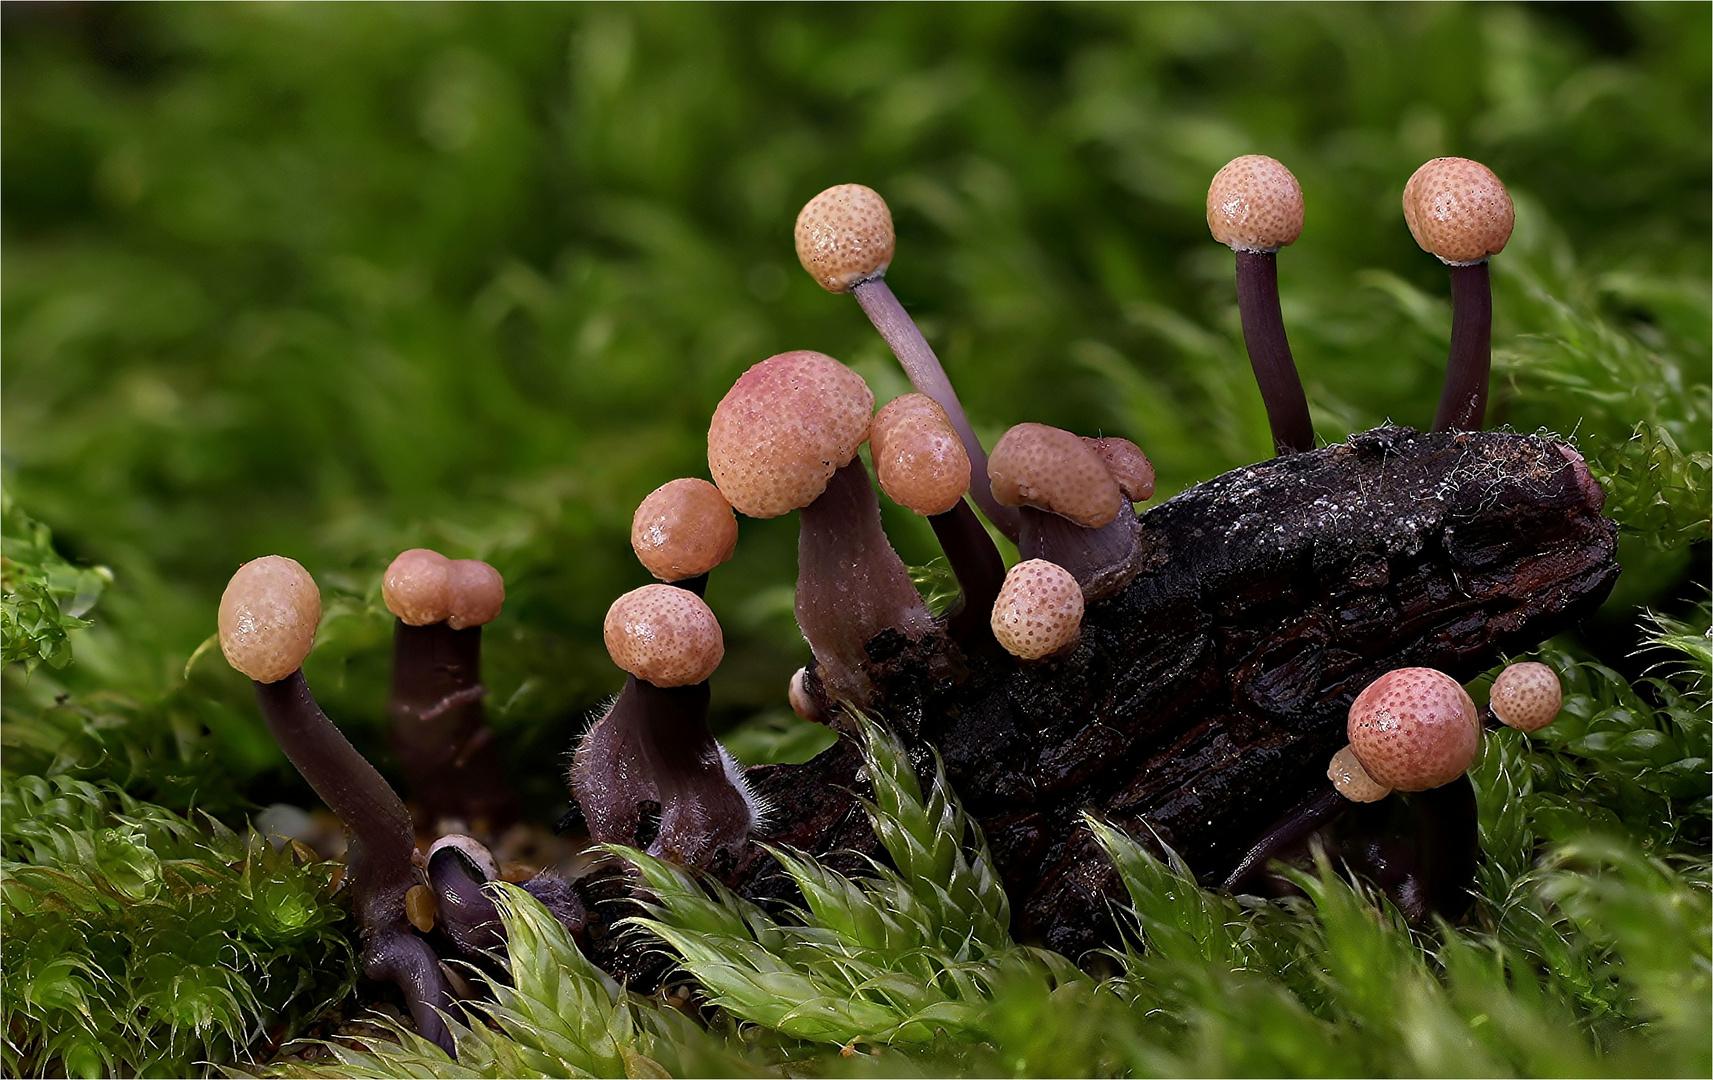 Mutterkorn-Sklerotienkeulchen (Claviceps purpurea)